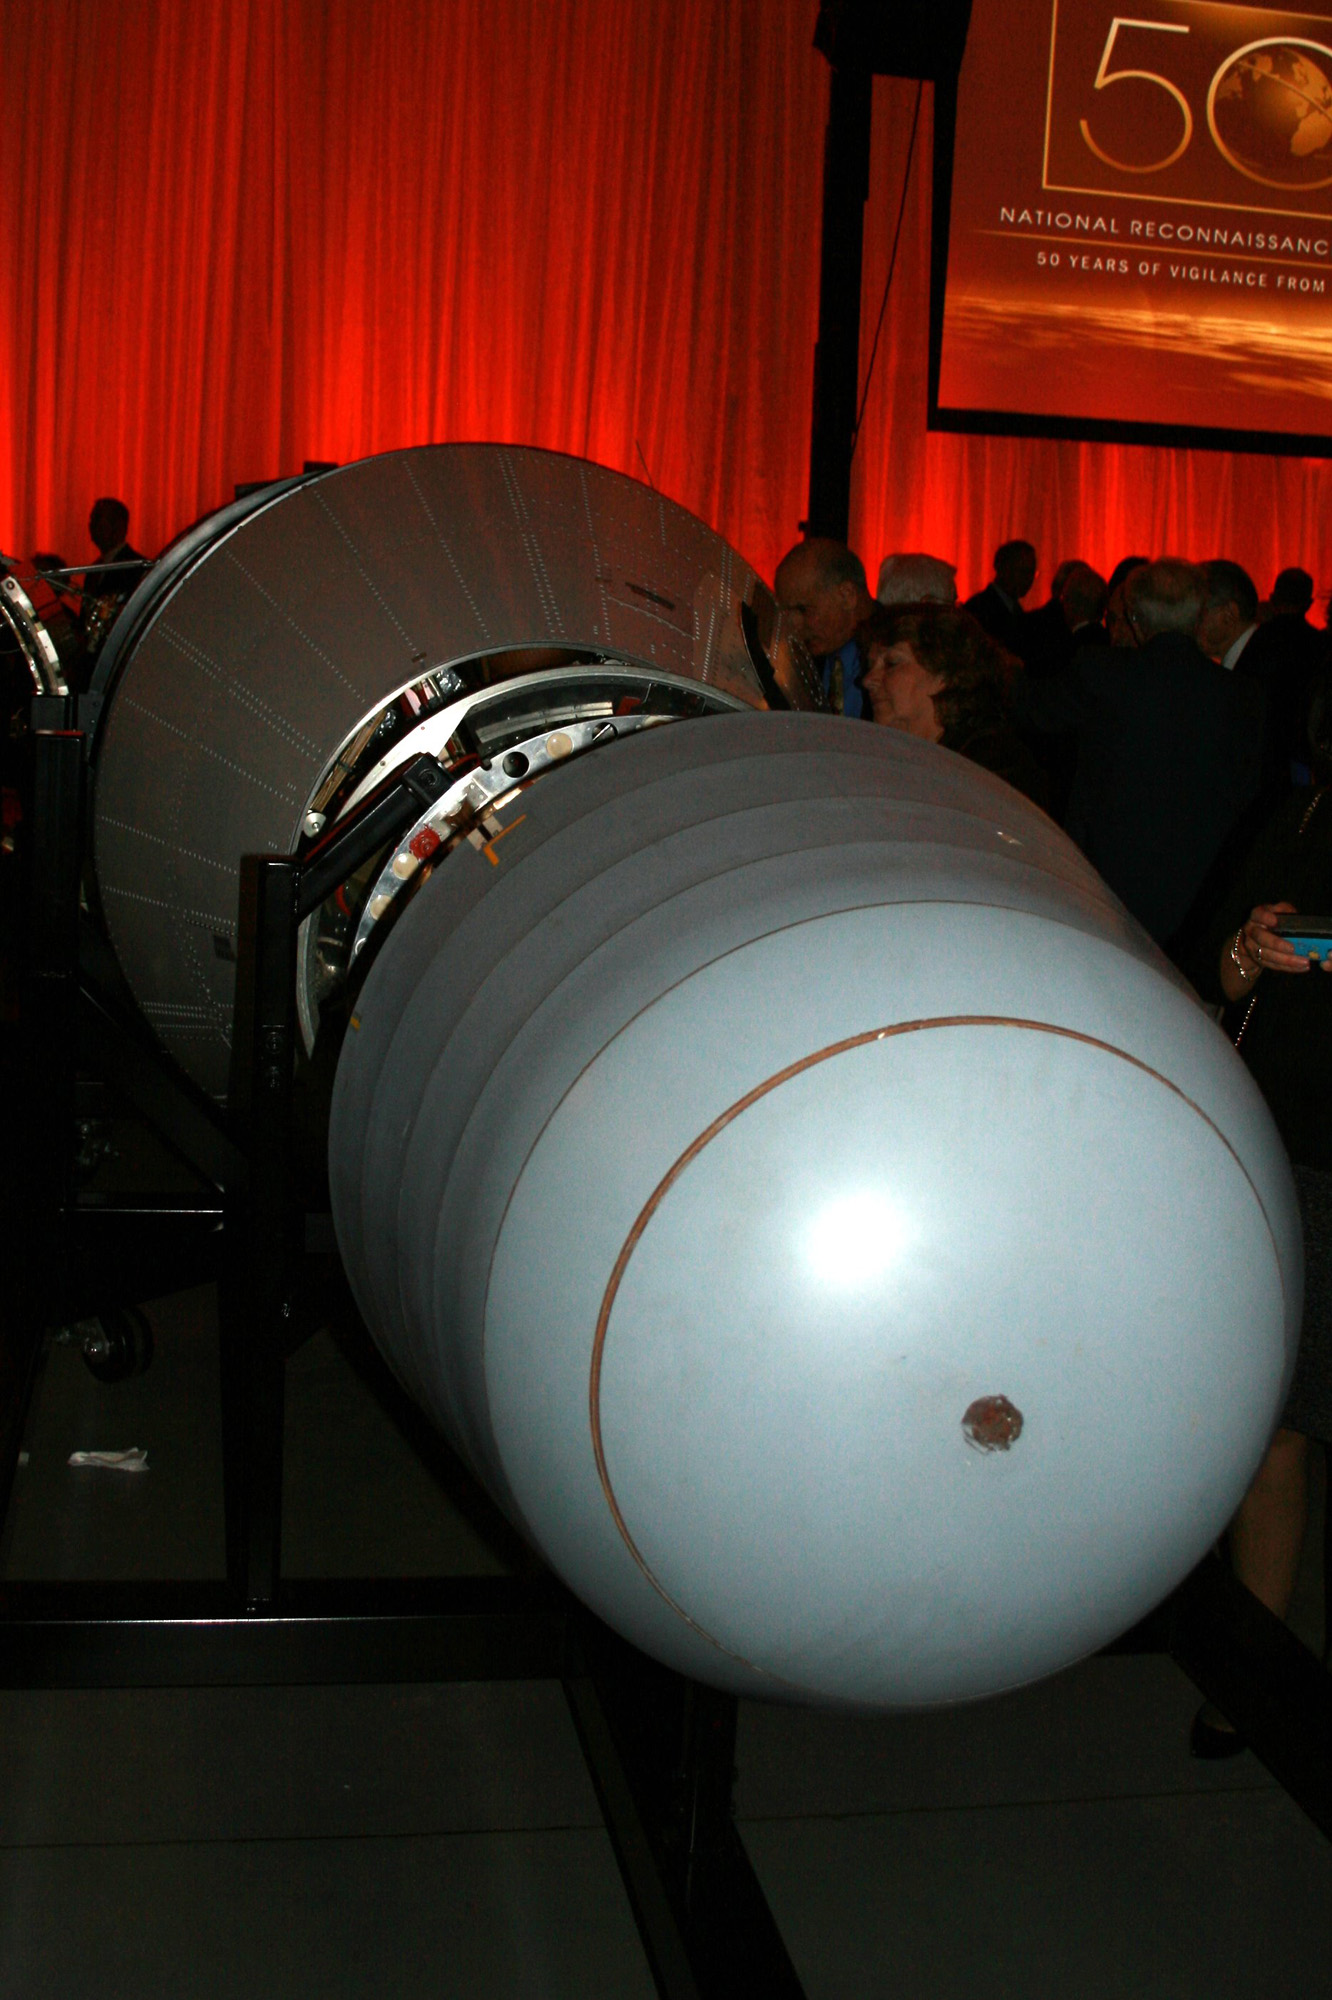 KH-7 GAMBIT Satellite Nose Cone